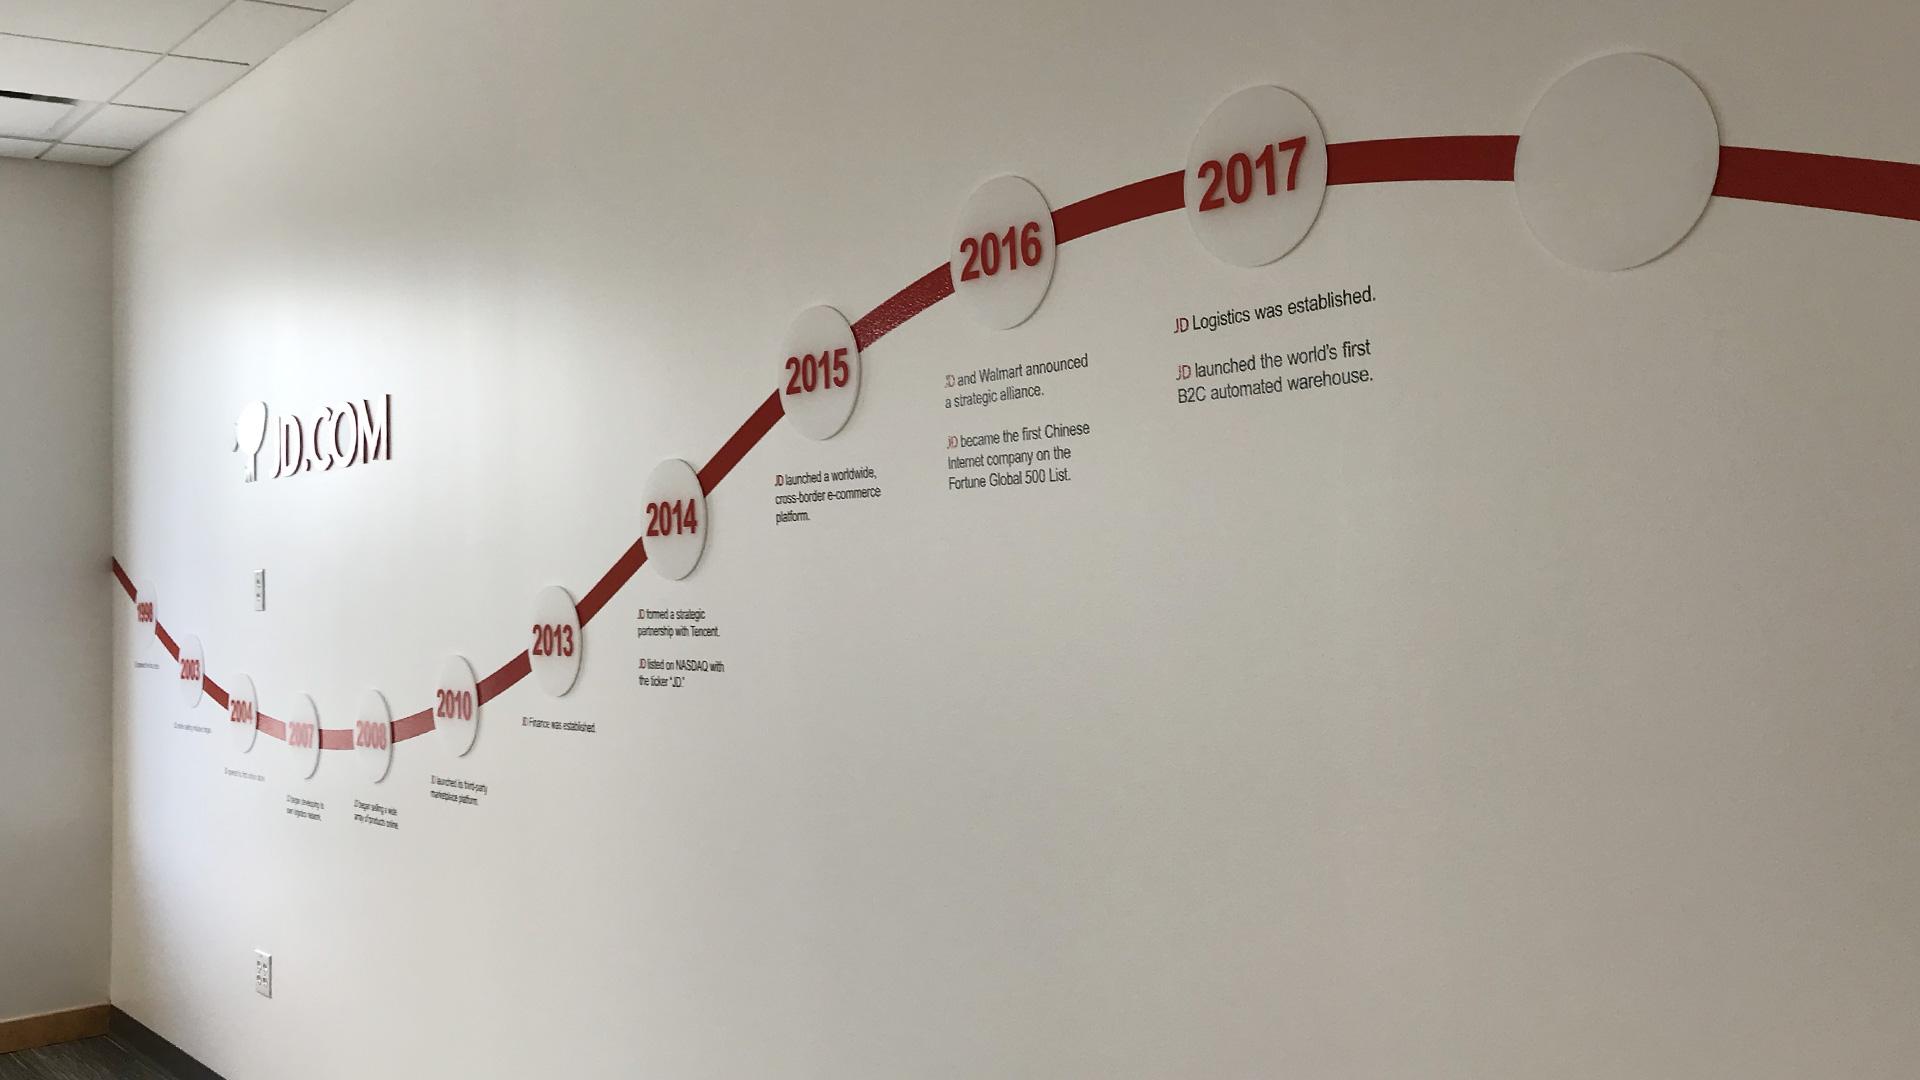 JDCOM_timeline_2